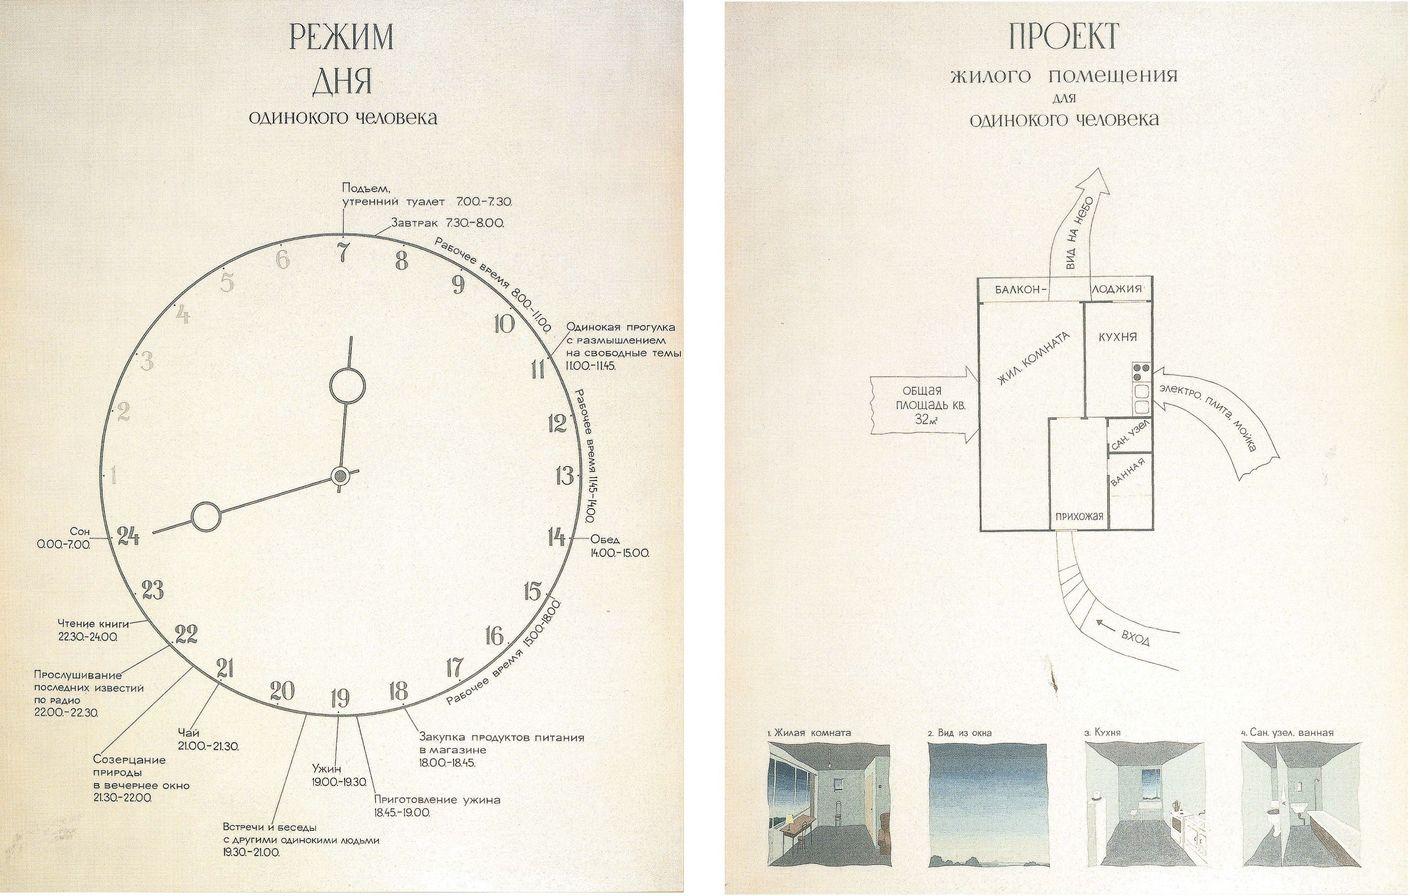 Виктор Пивоваров, «Режим дня одинокого человека» и«Проект жилого помещения для одинокого человека», 1975